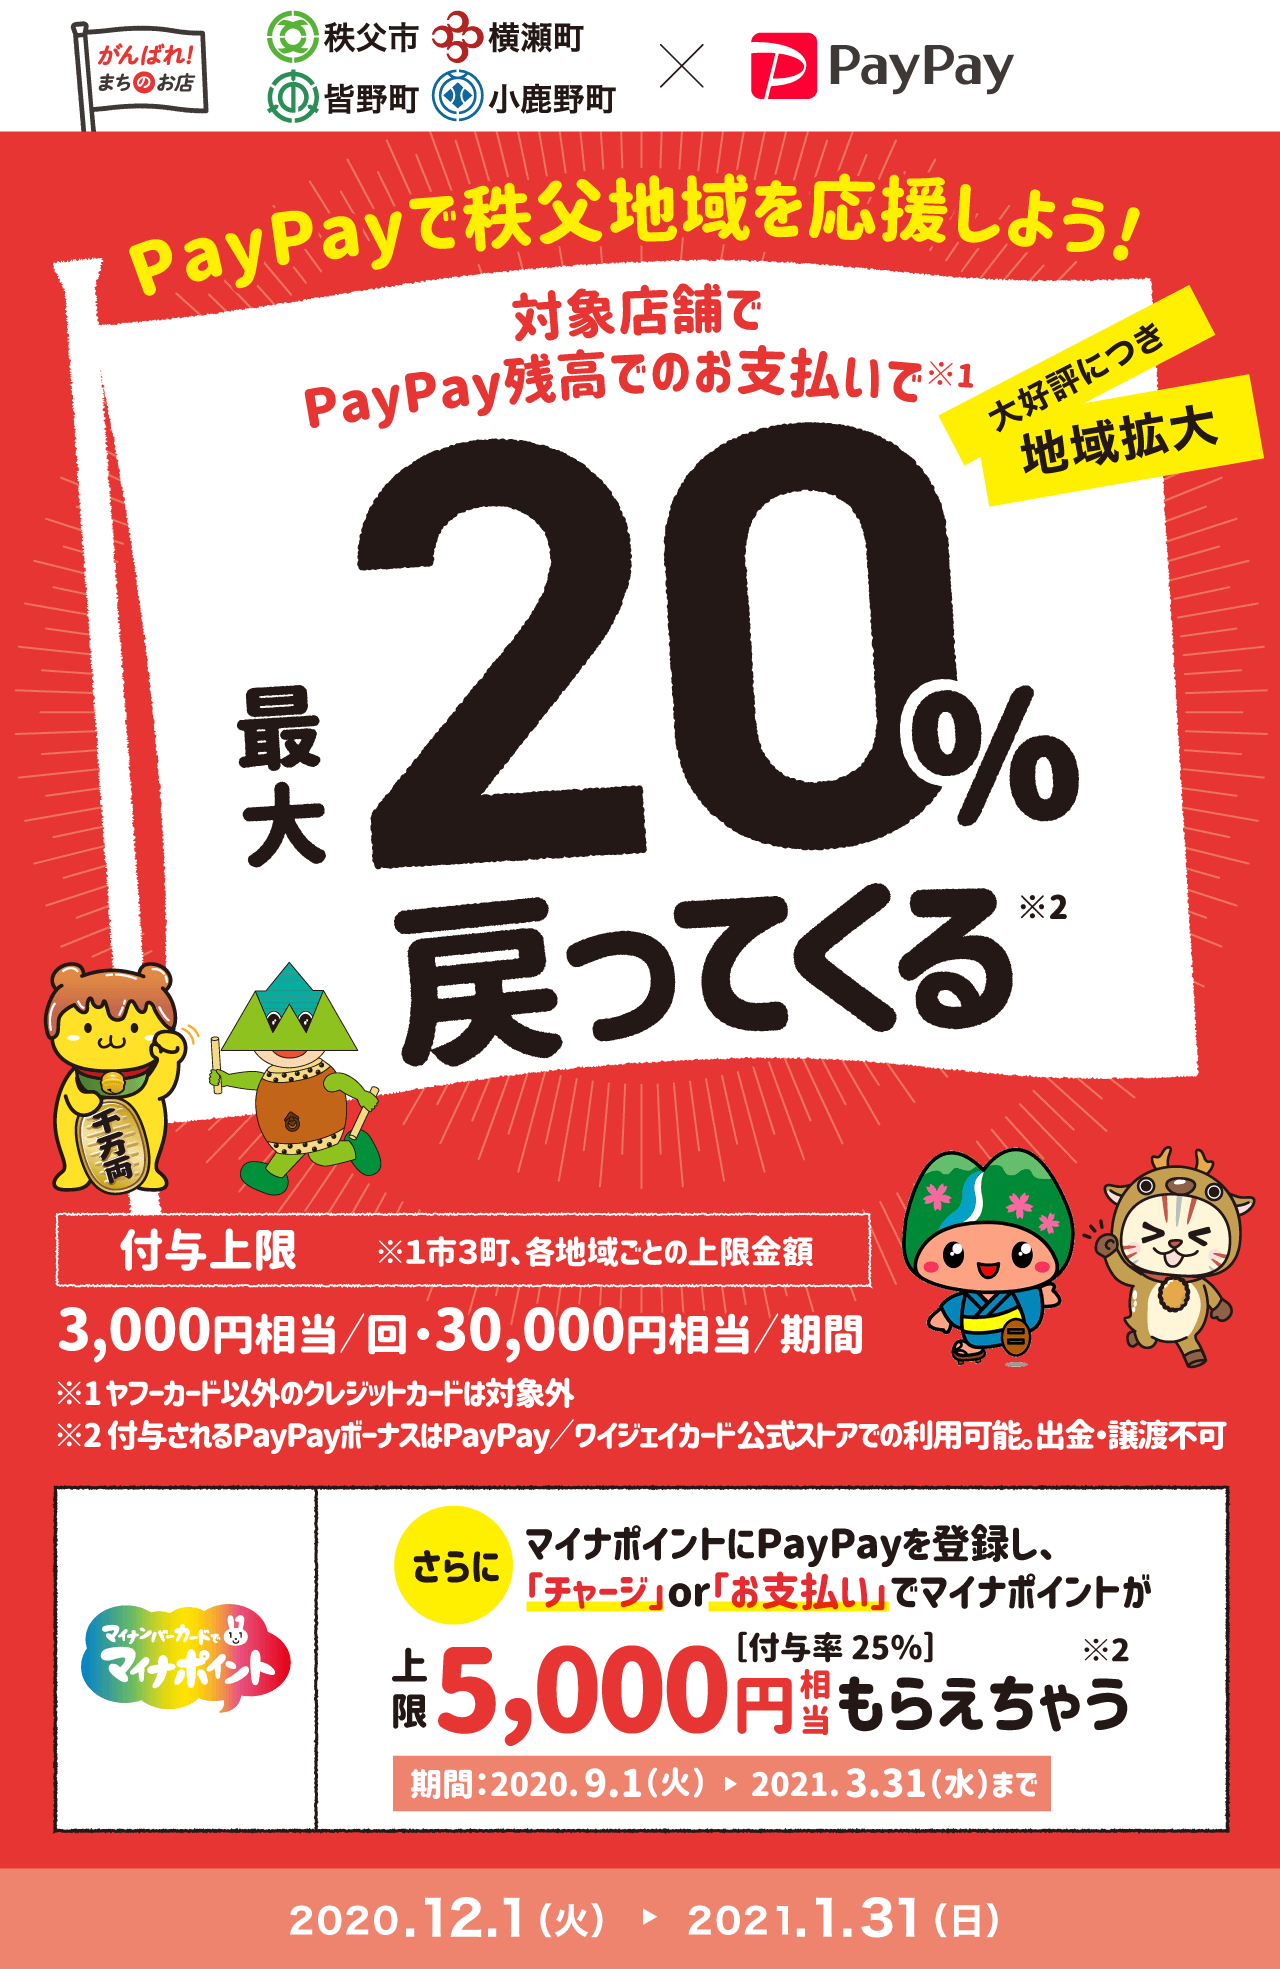 PayPayで秩父地域を応援しよう! 大好評につき地域拡大 対象店舗でPayPay残高でのお支払いで 最大20%戻ってくる